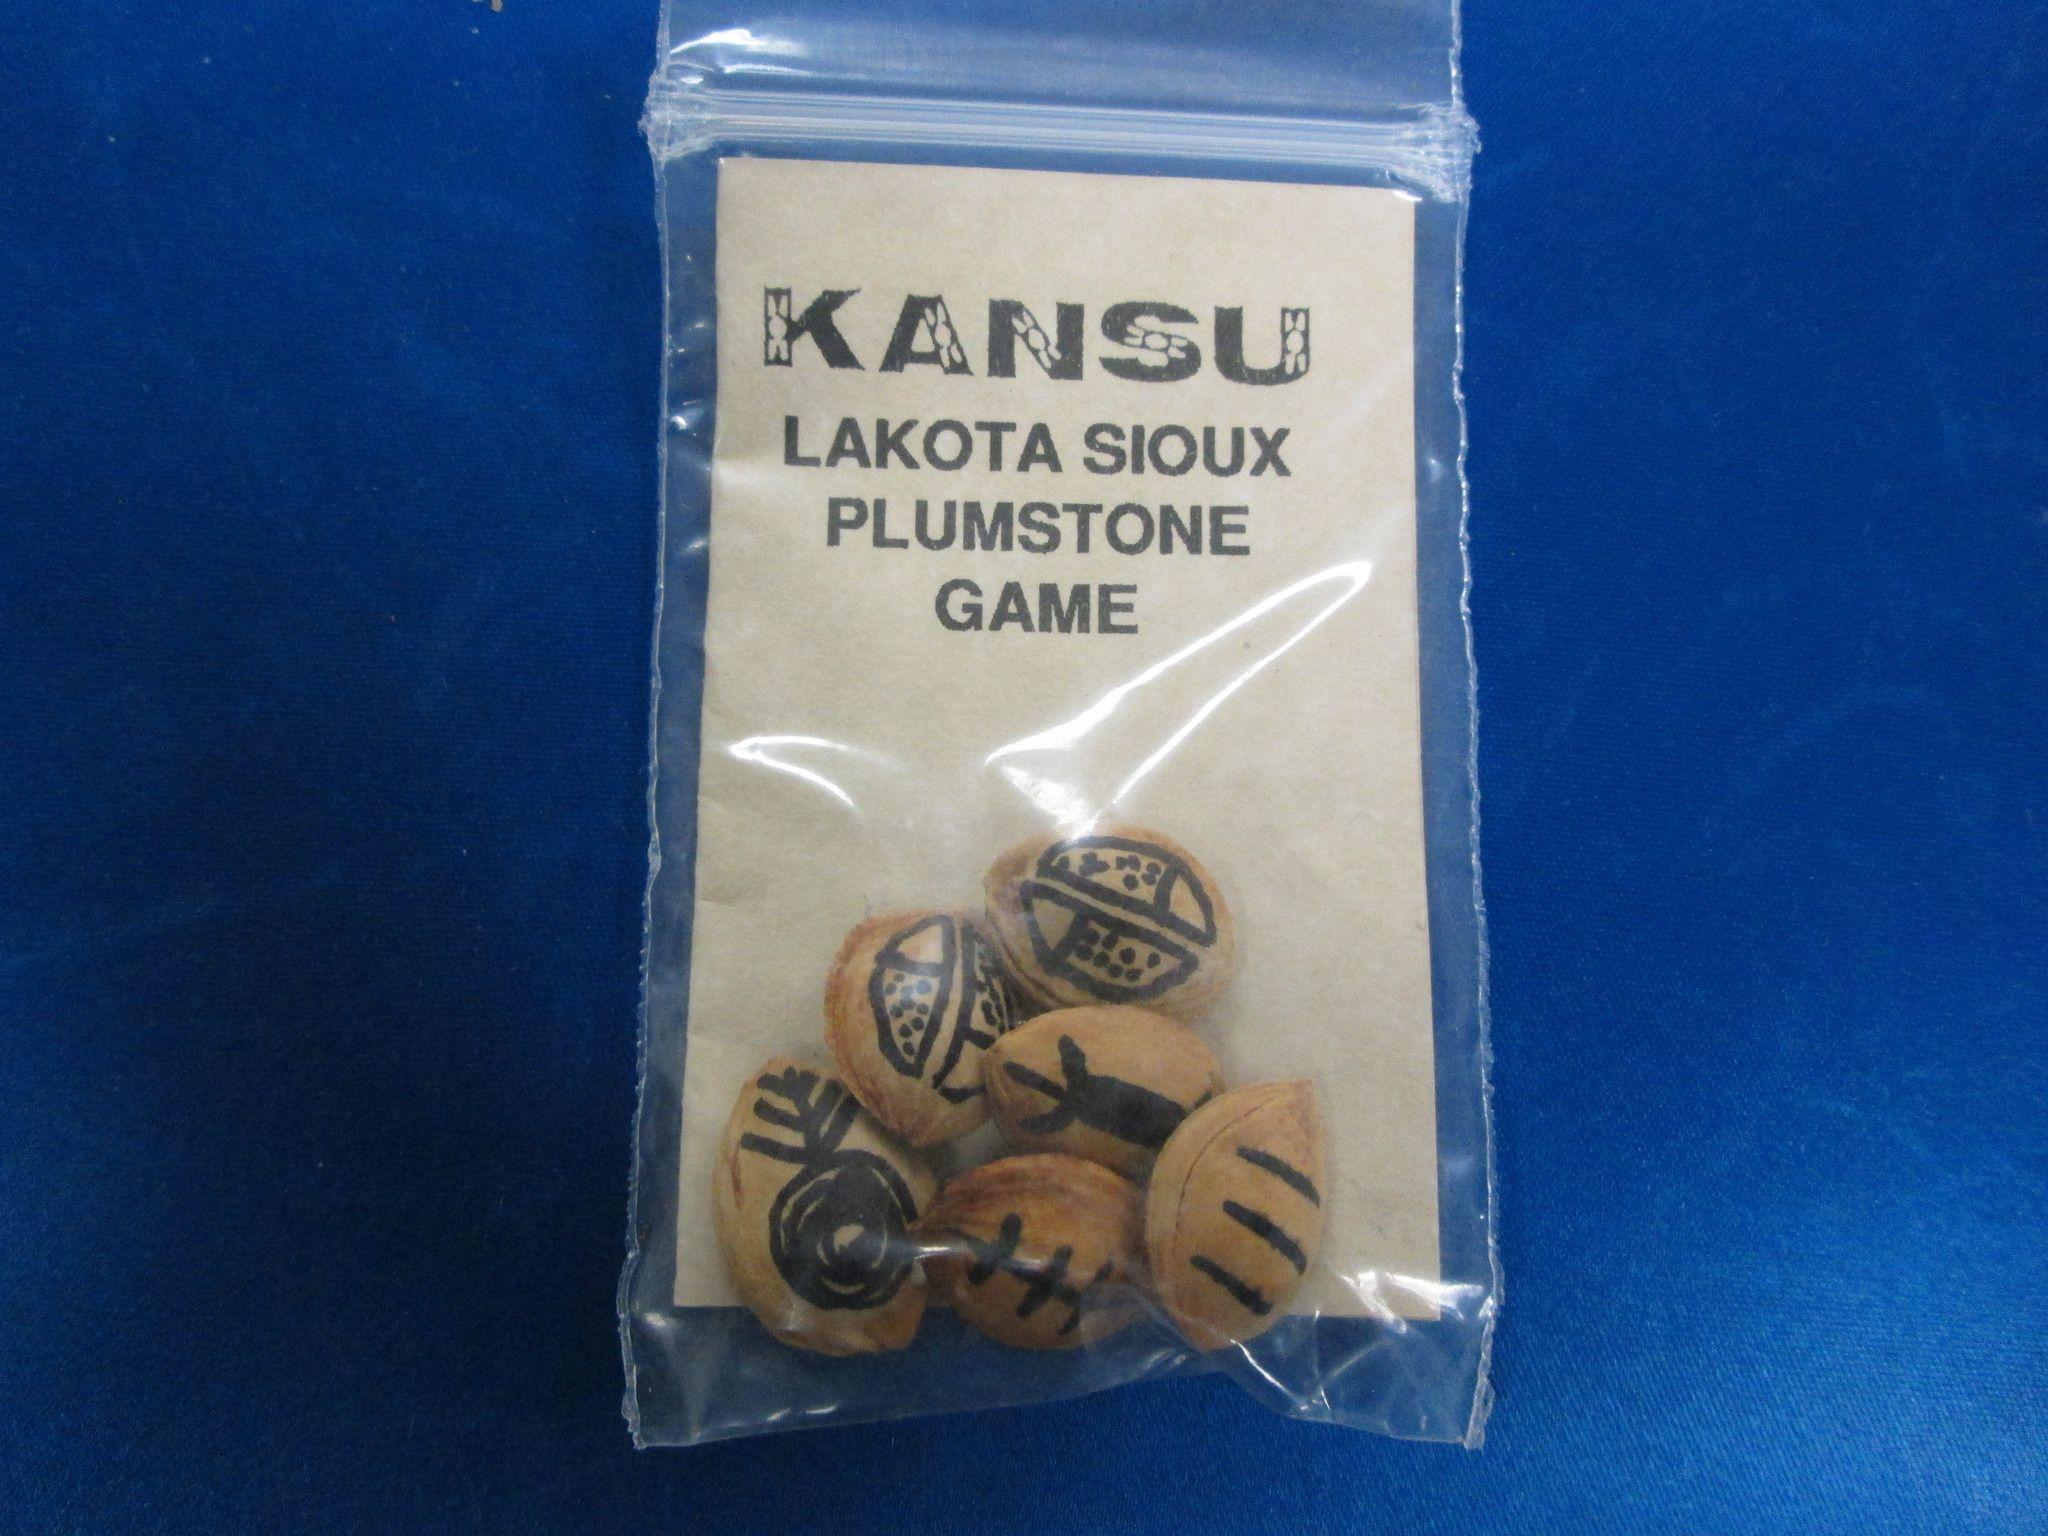 Kansu Plumstone Game